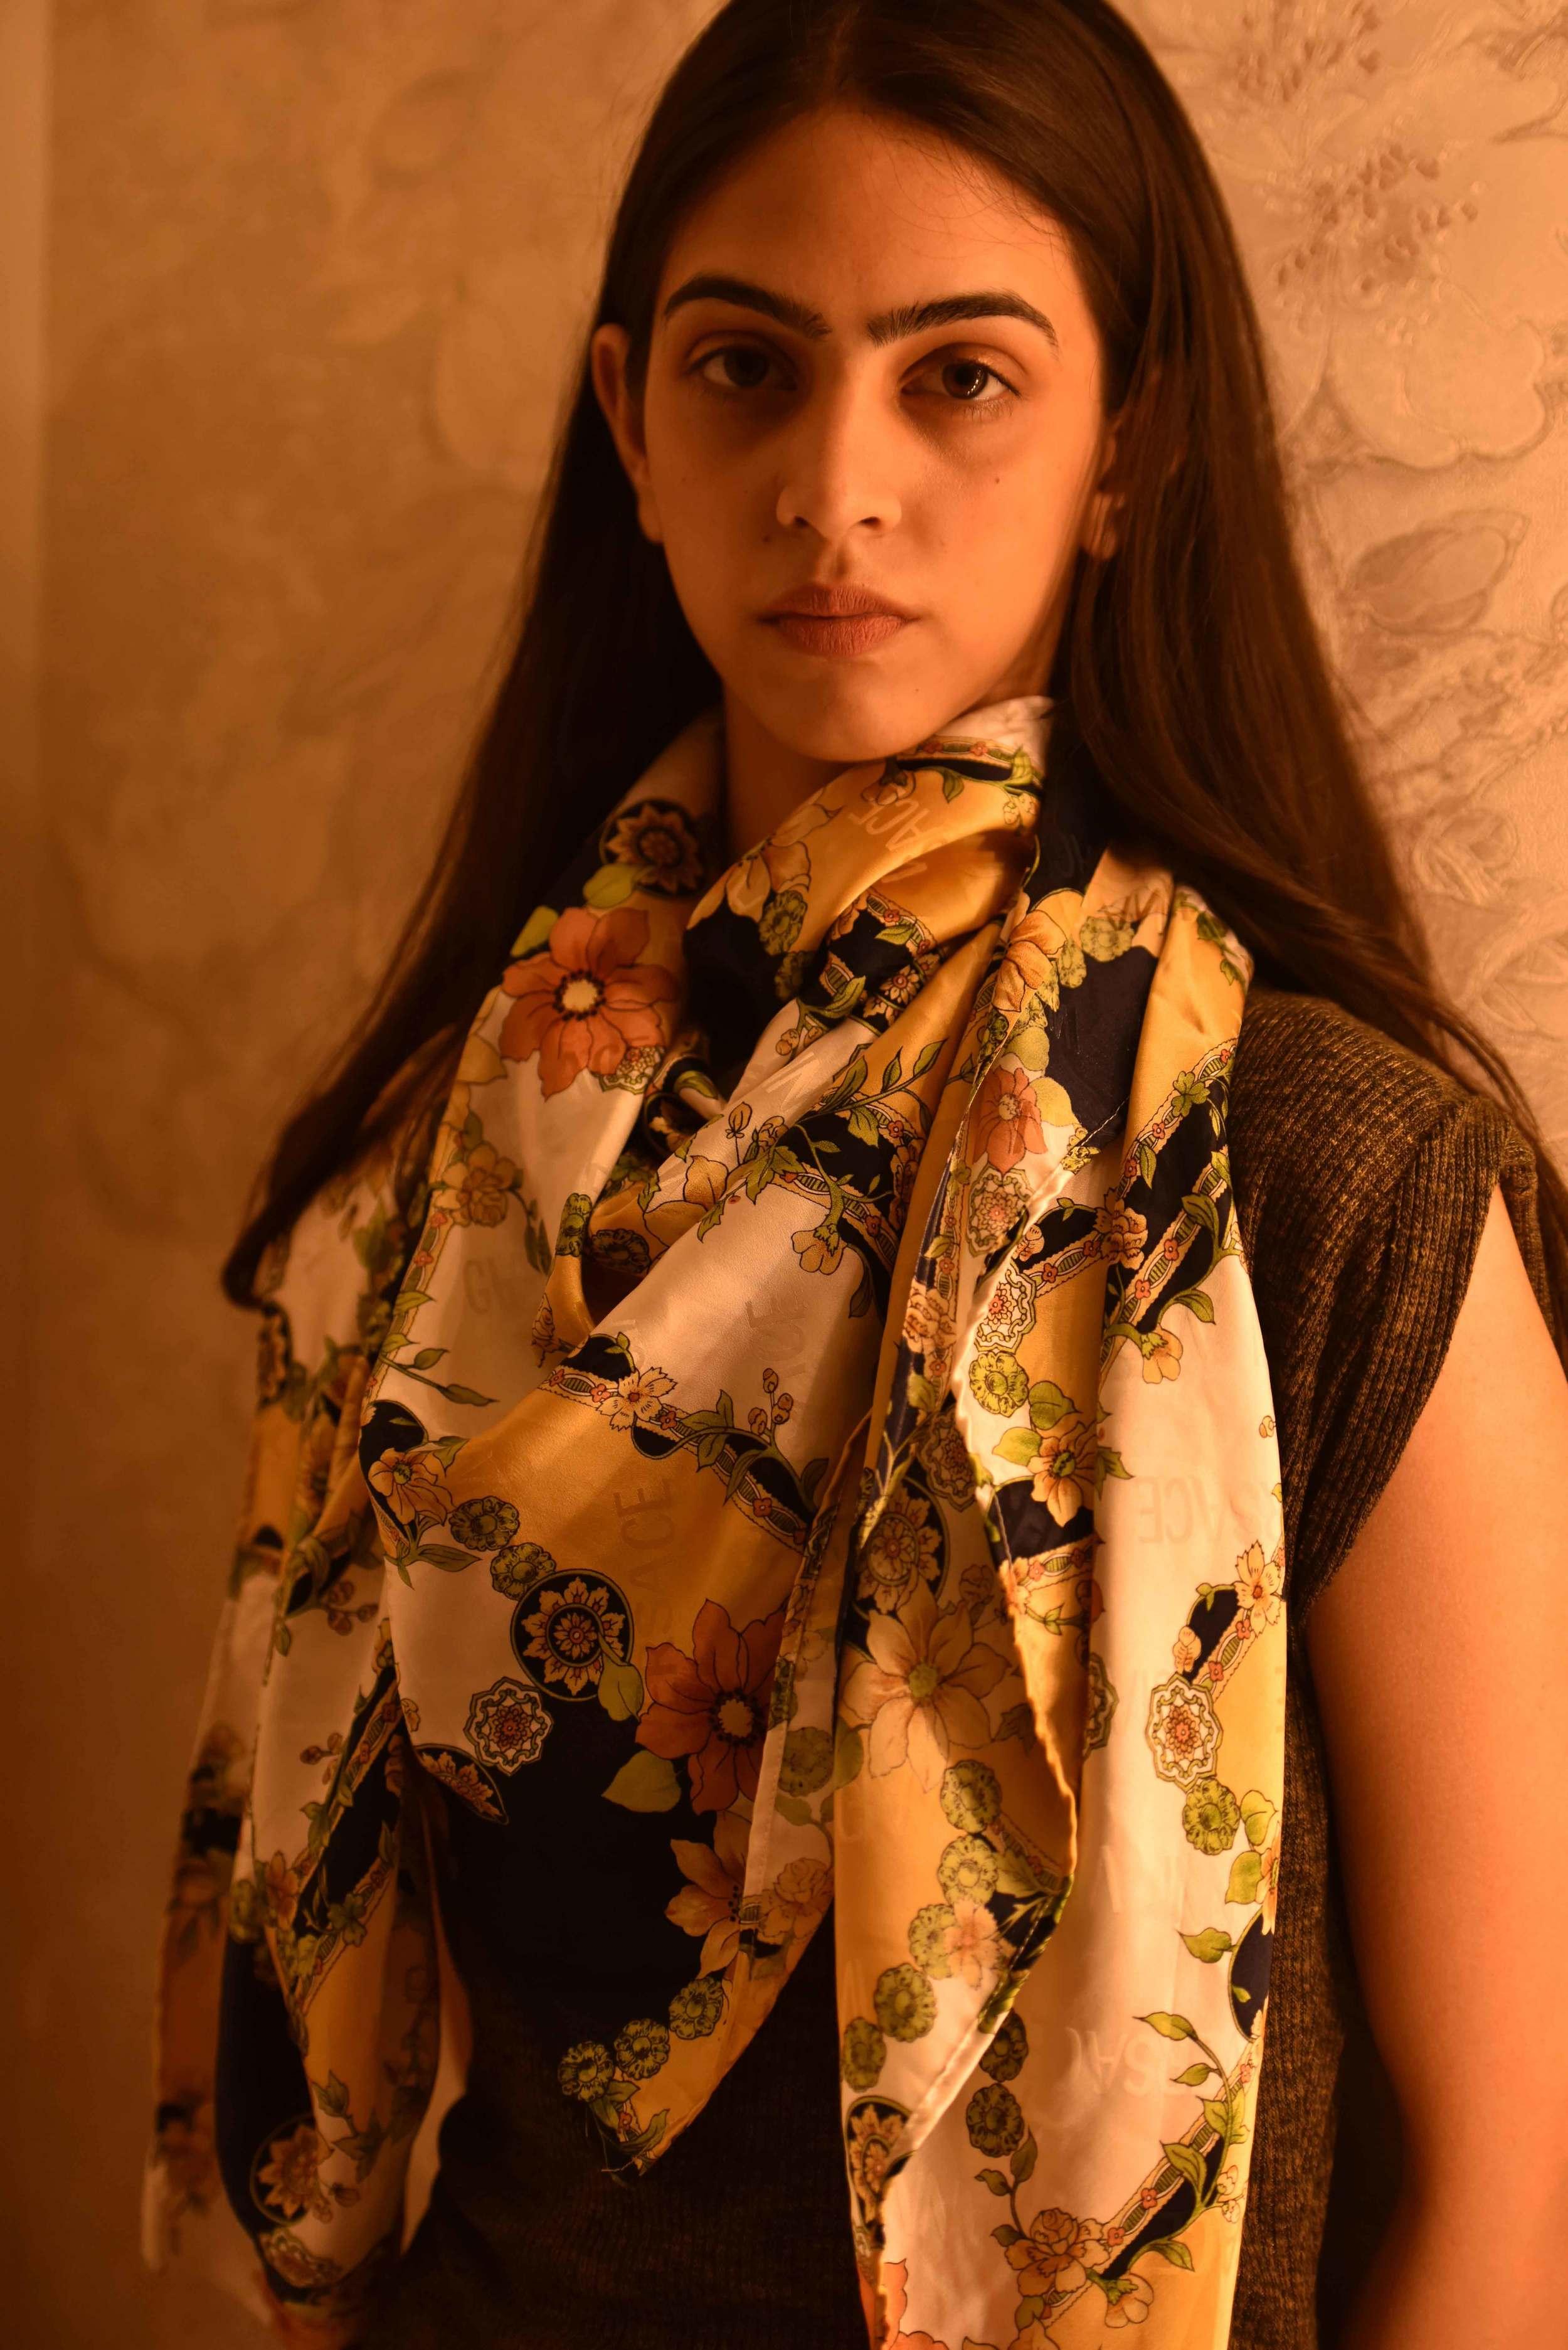 How to tie a scarf, Versace scarf, model: Mannat Dhaliwal, image©gunjanvirk.